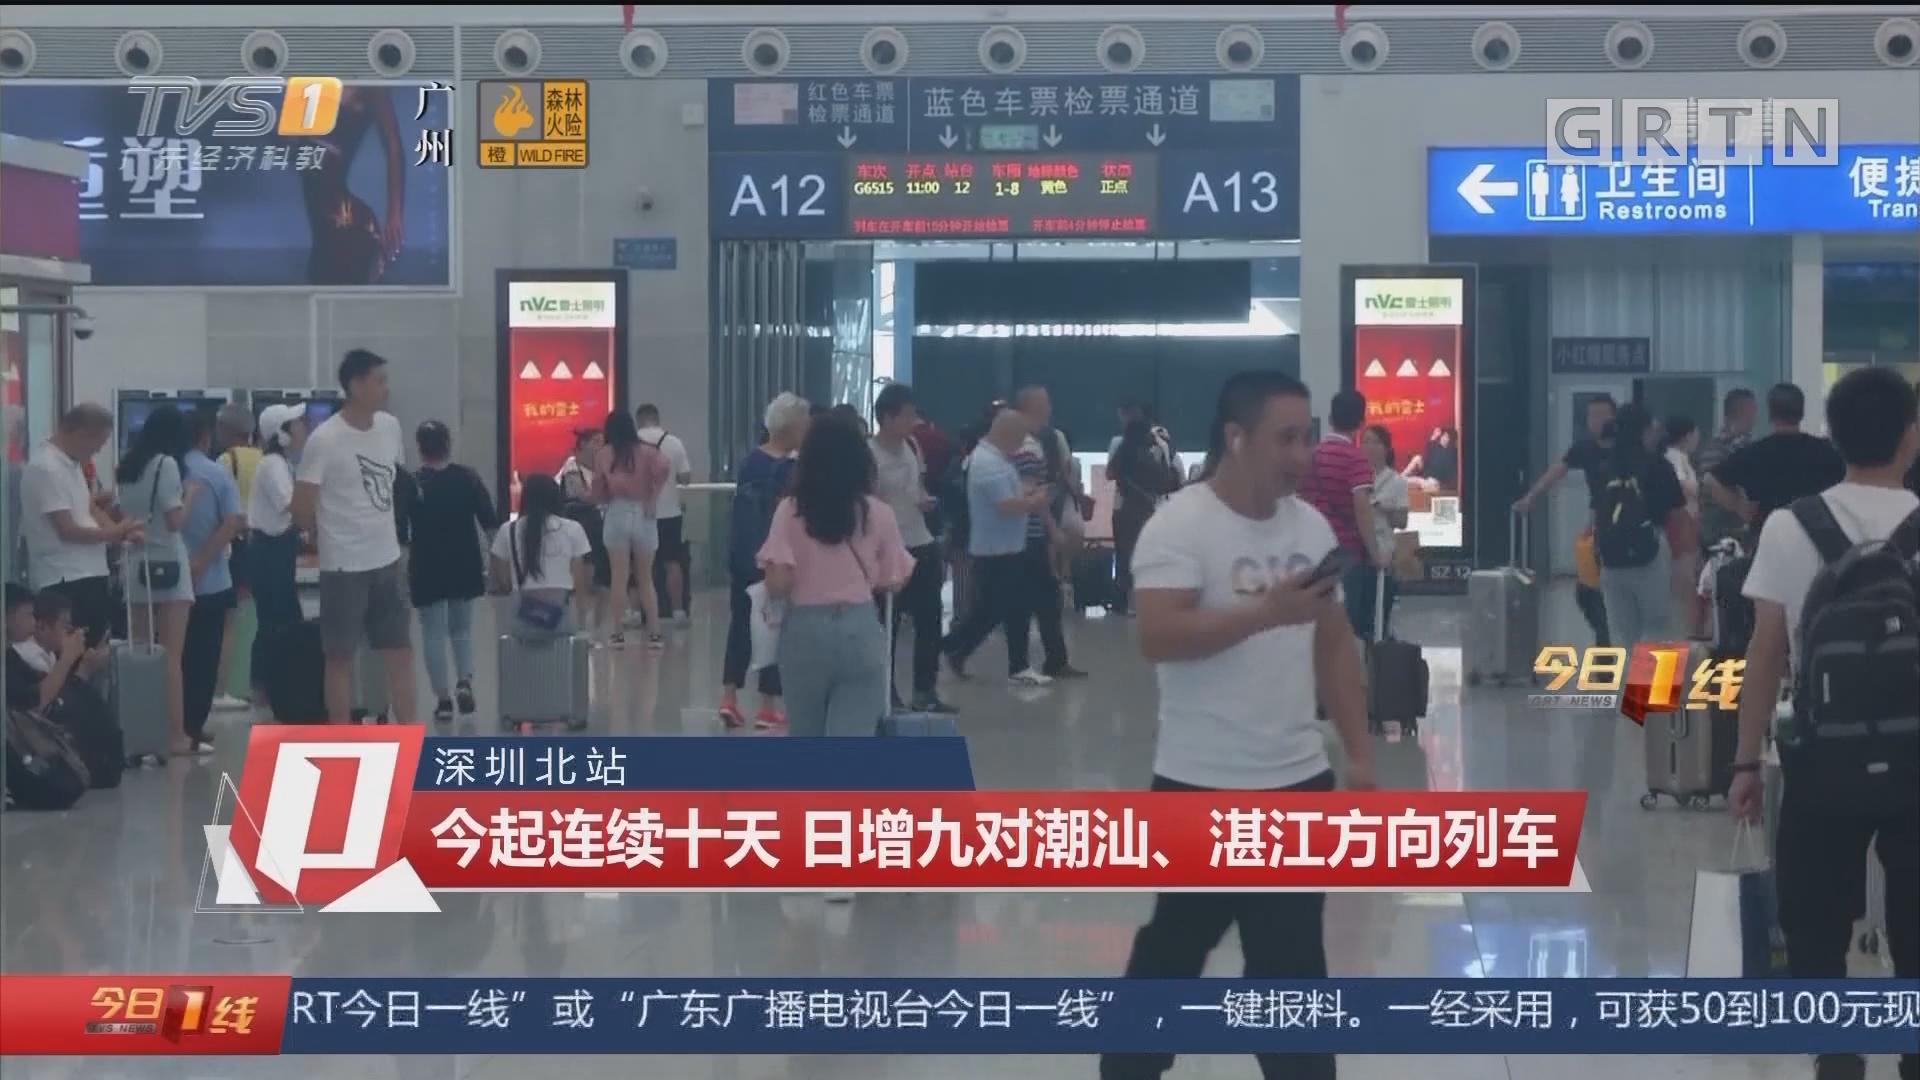 深圳北站:今起连续十天 日增九对潮汕、湛江方向列车